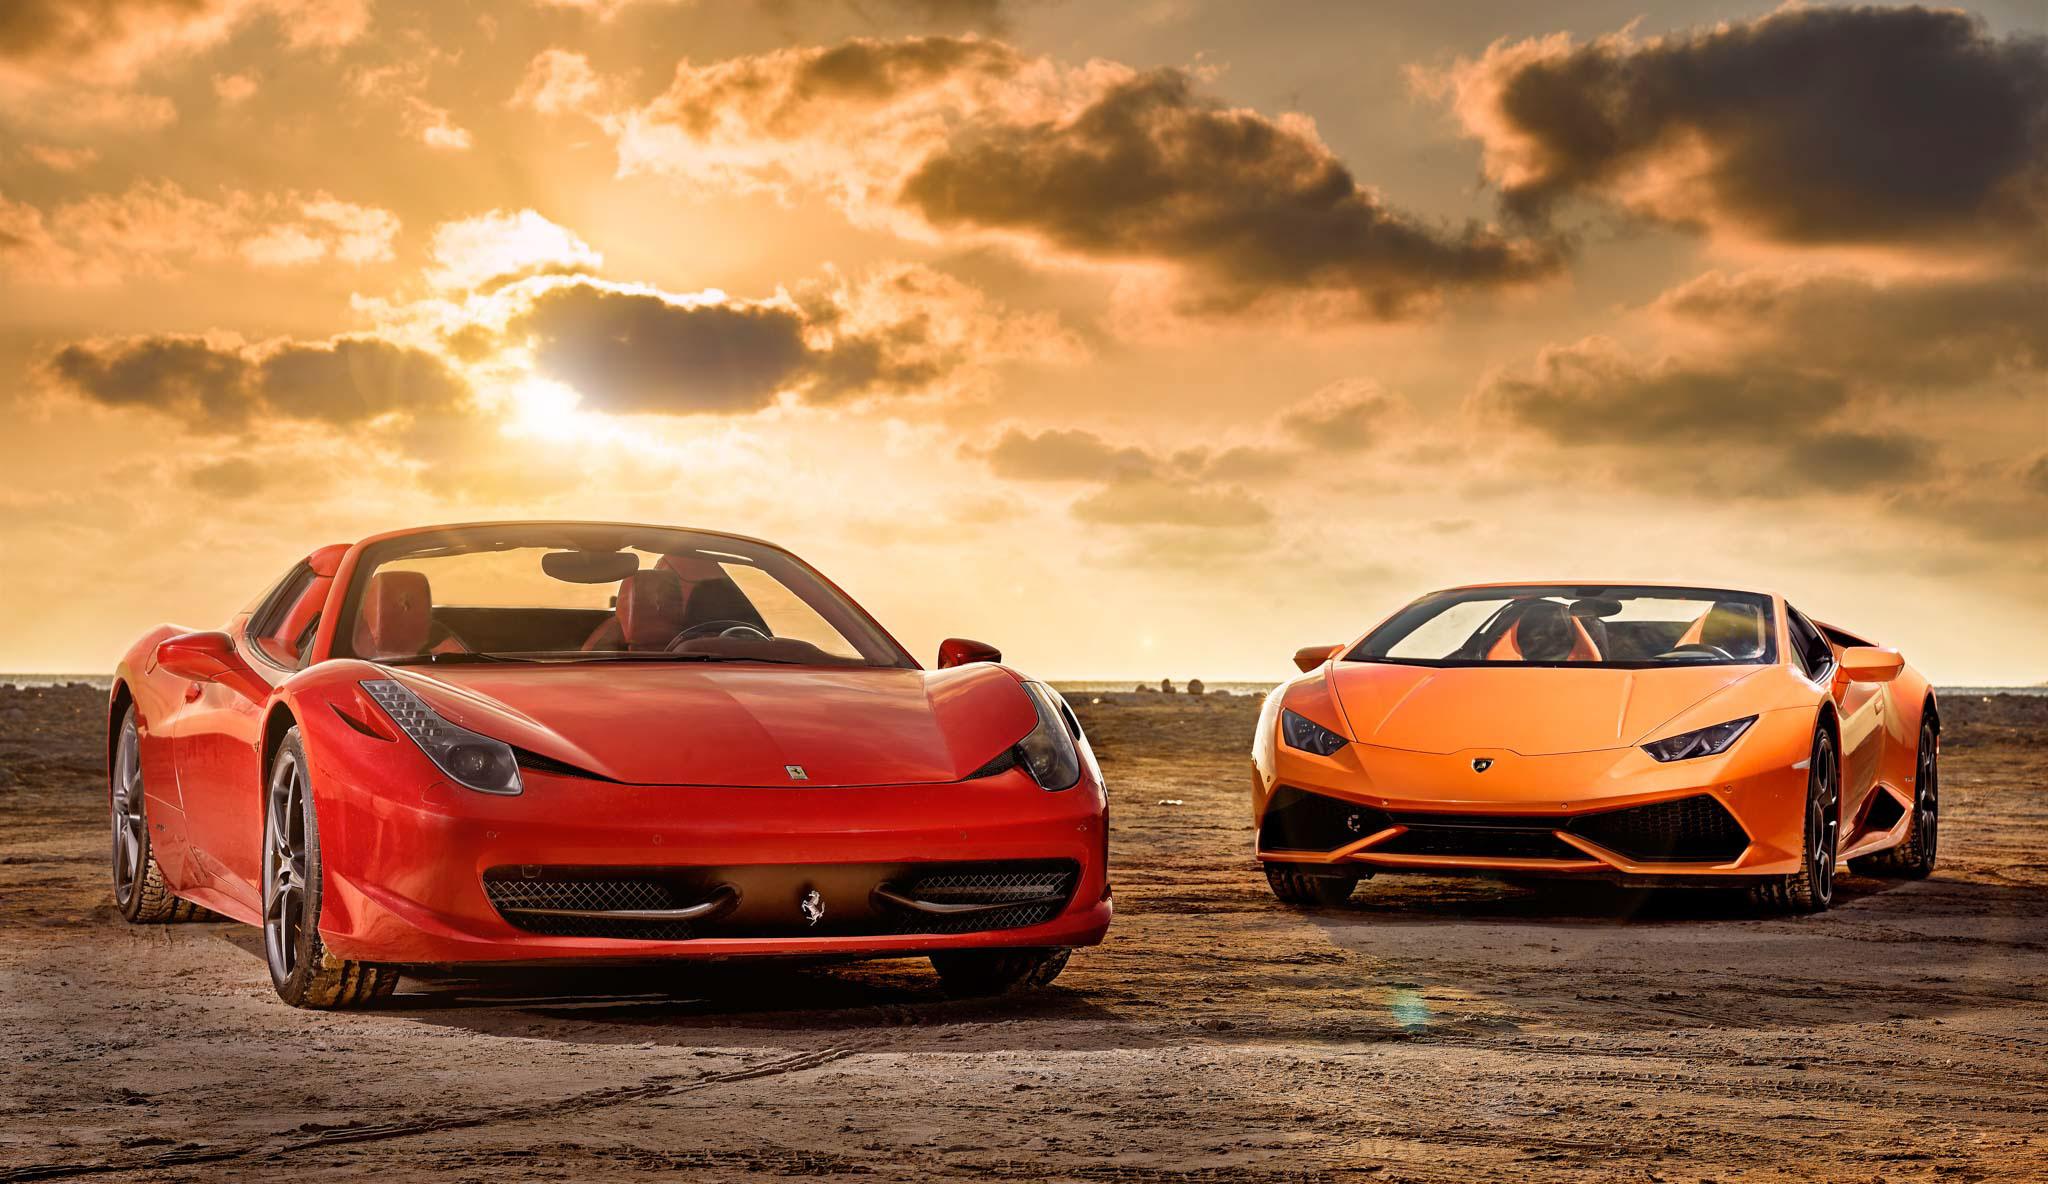 Ferrari 488 And Lamborghini Huracan, HD Cars, 4k Wallpapers